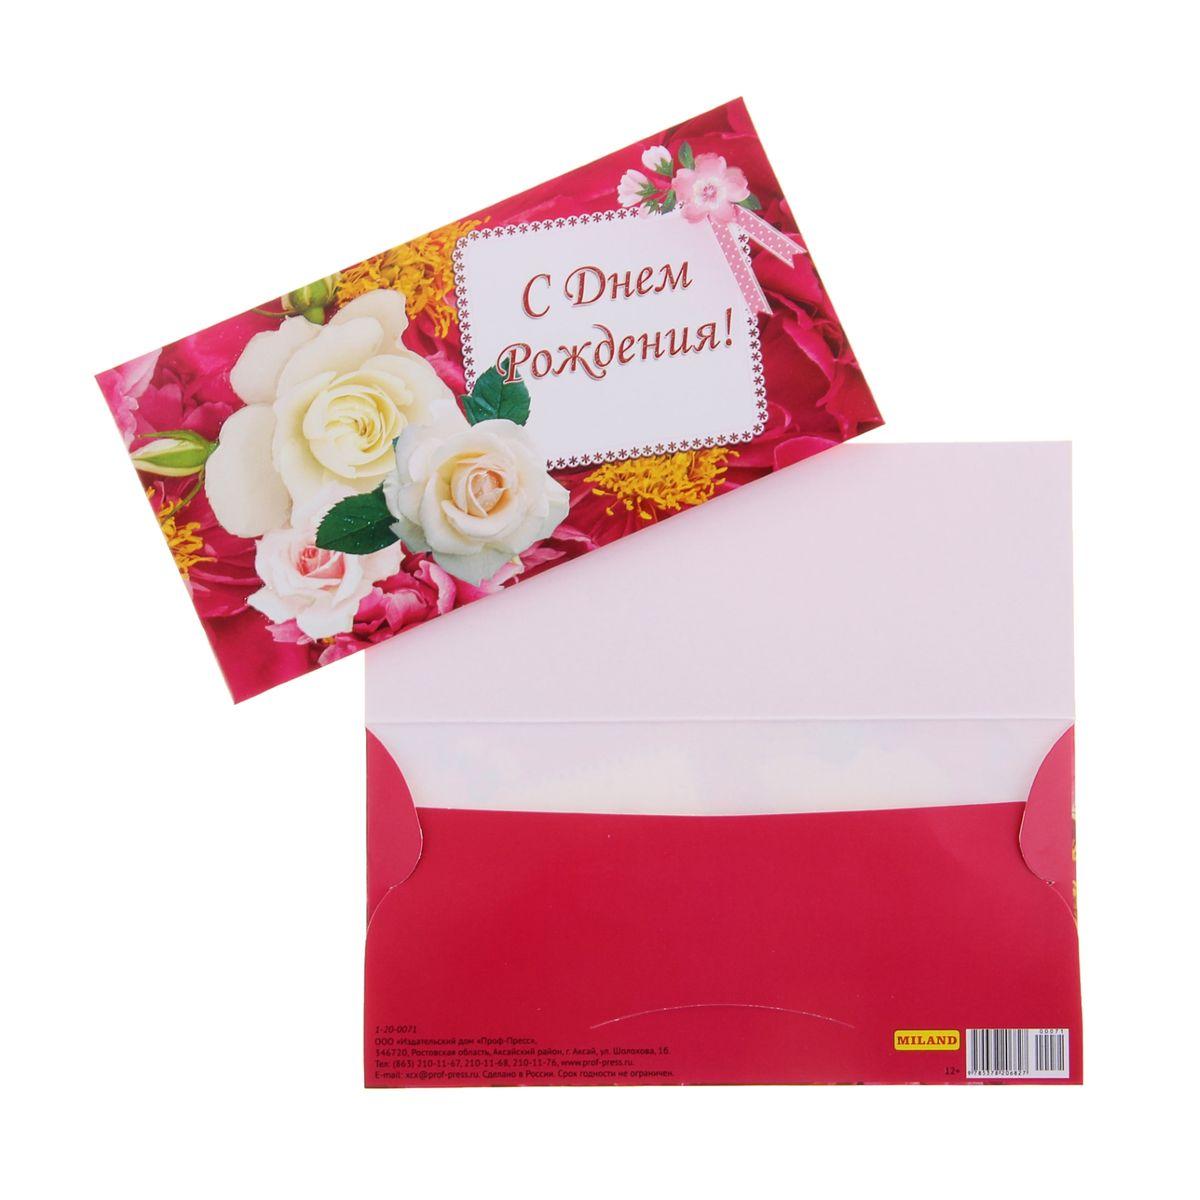 конверт для вложения открытки джилекс проходит